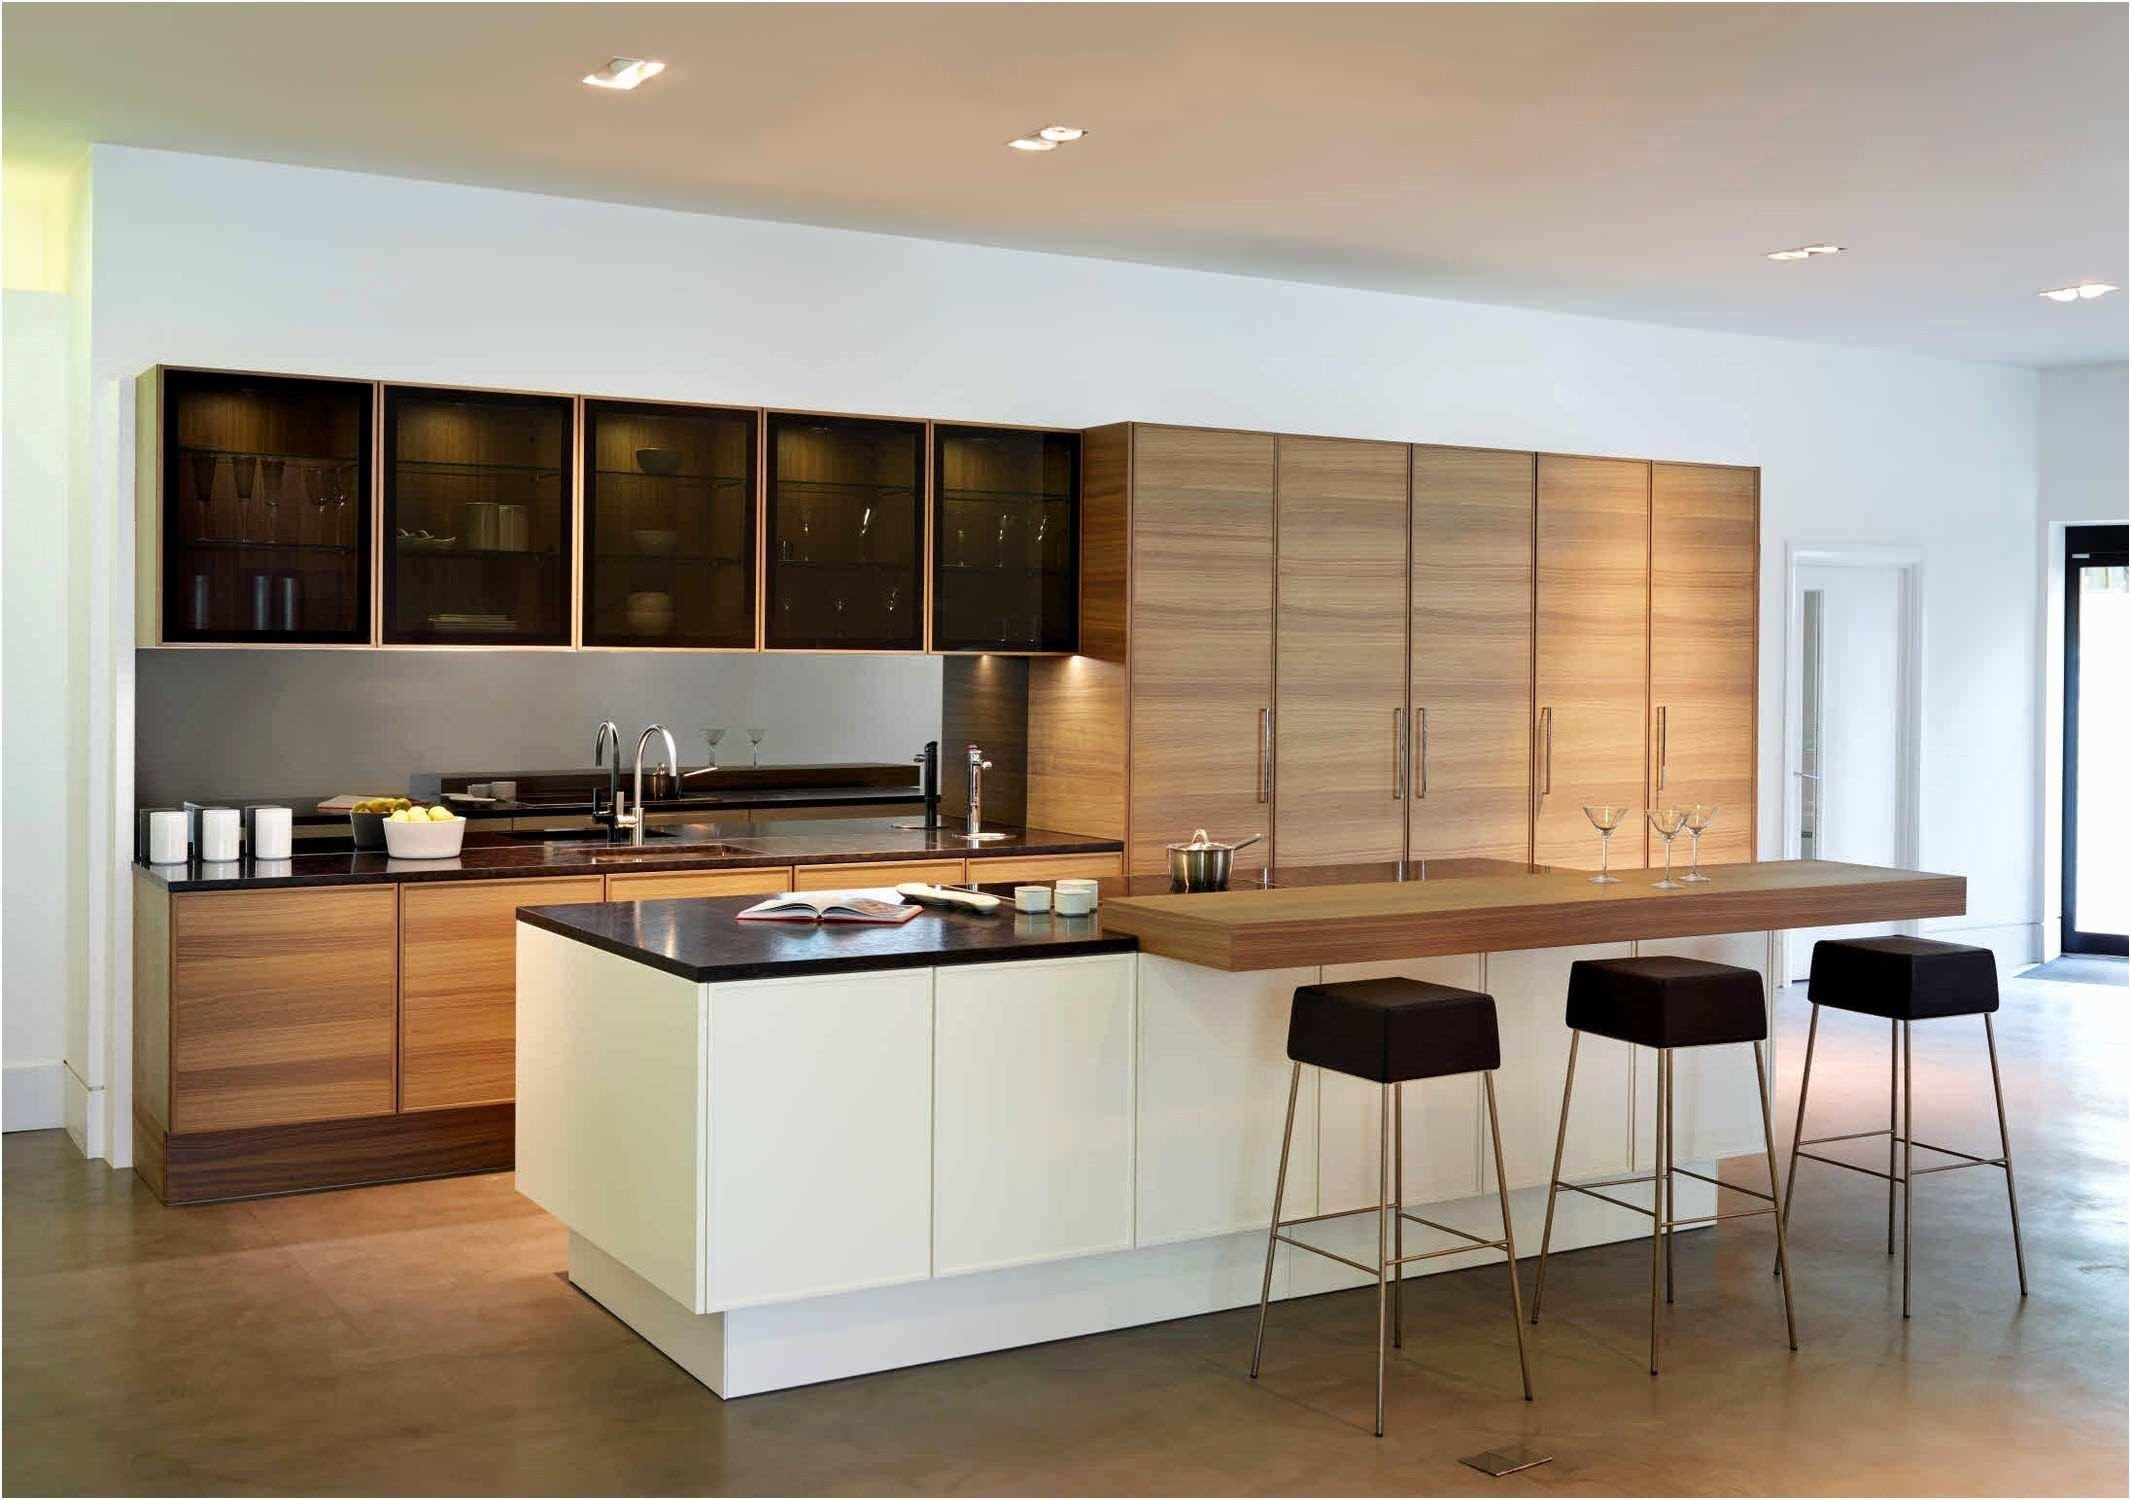 Full Size of Landhausküche Gebraucht Weisse Moderne Weiß Grau Wohnzimmer Landhausküche Wandfarbe